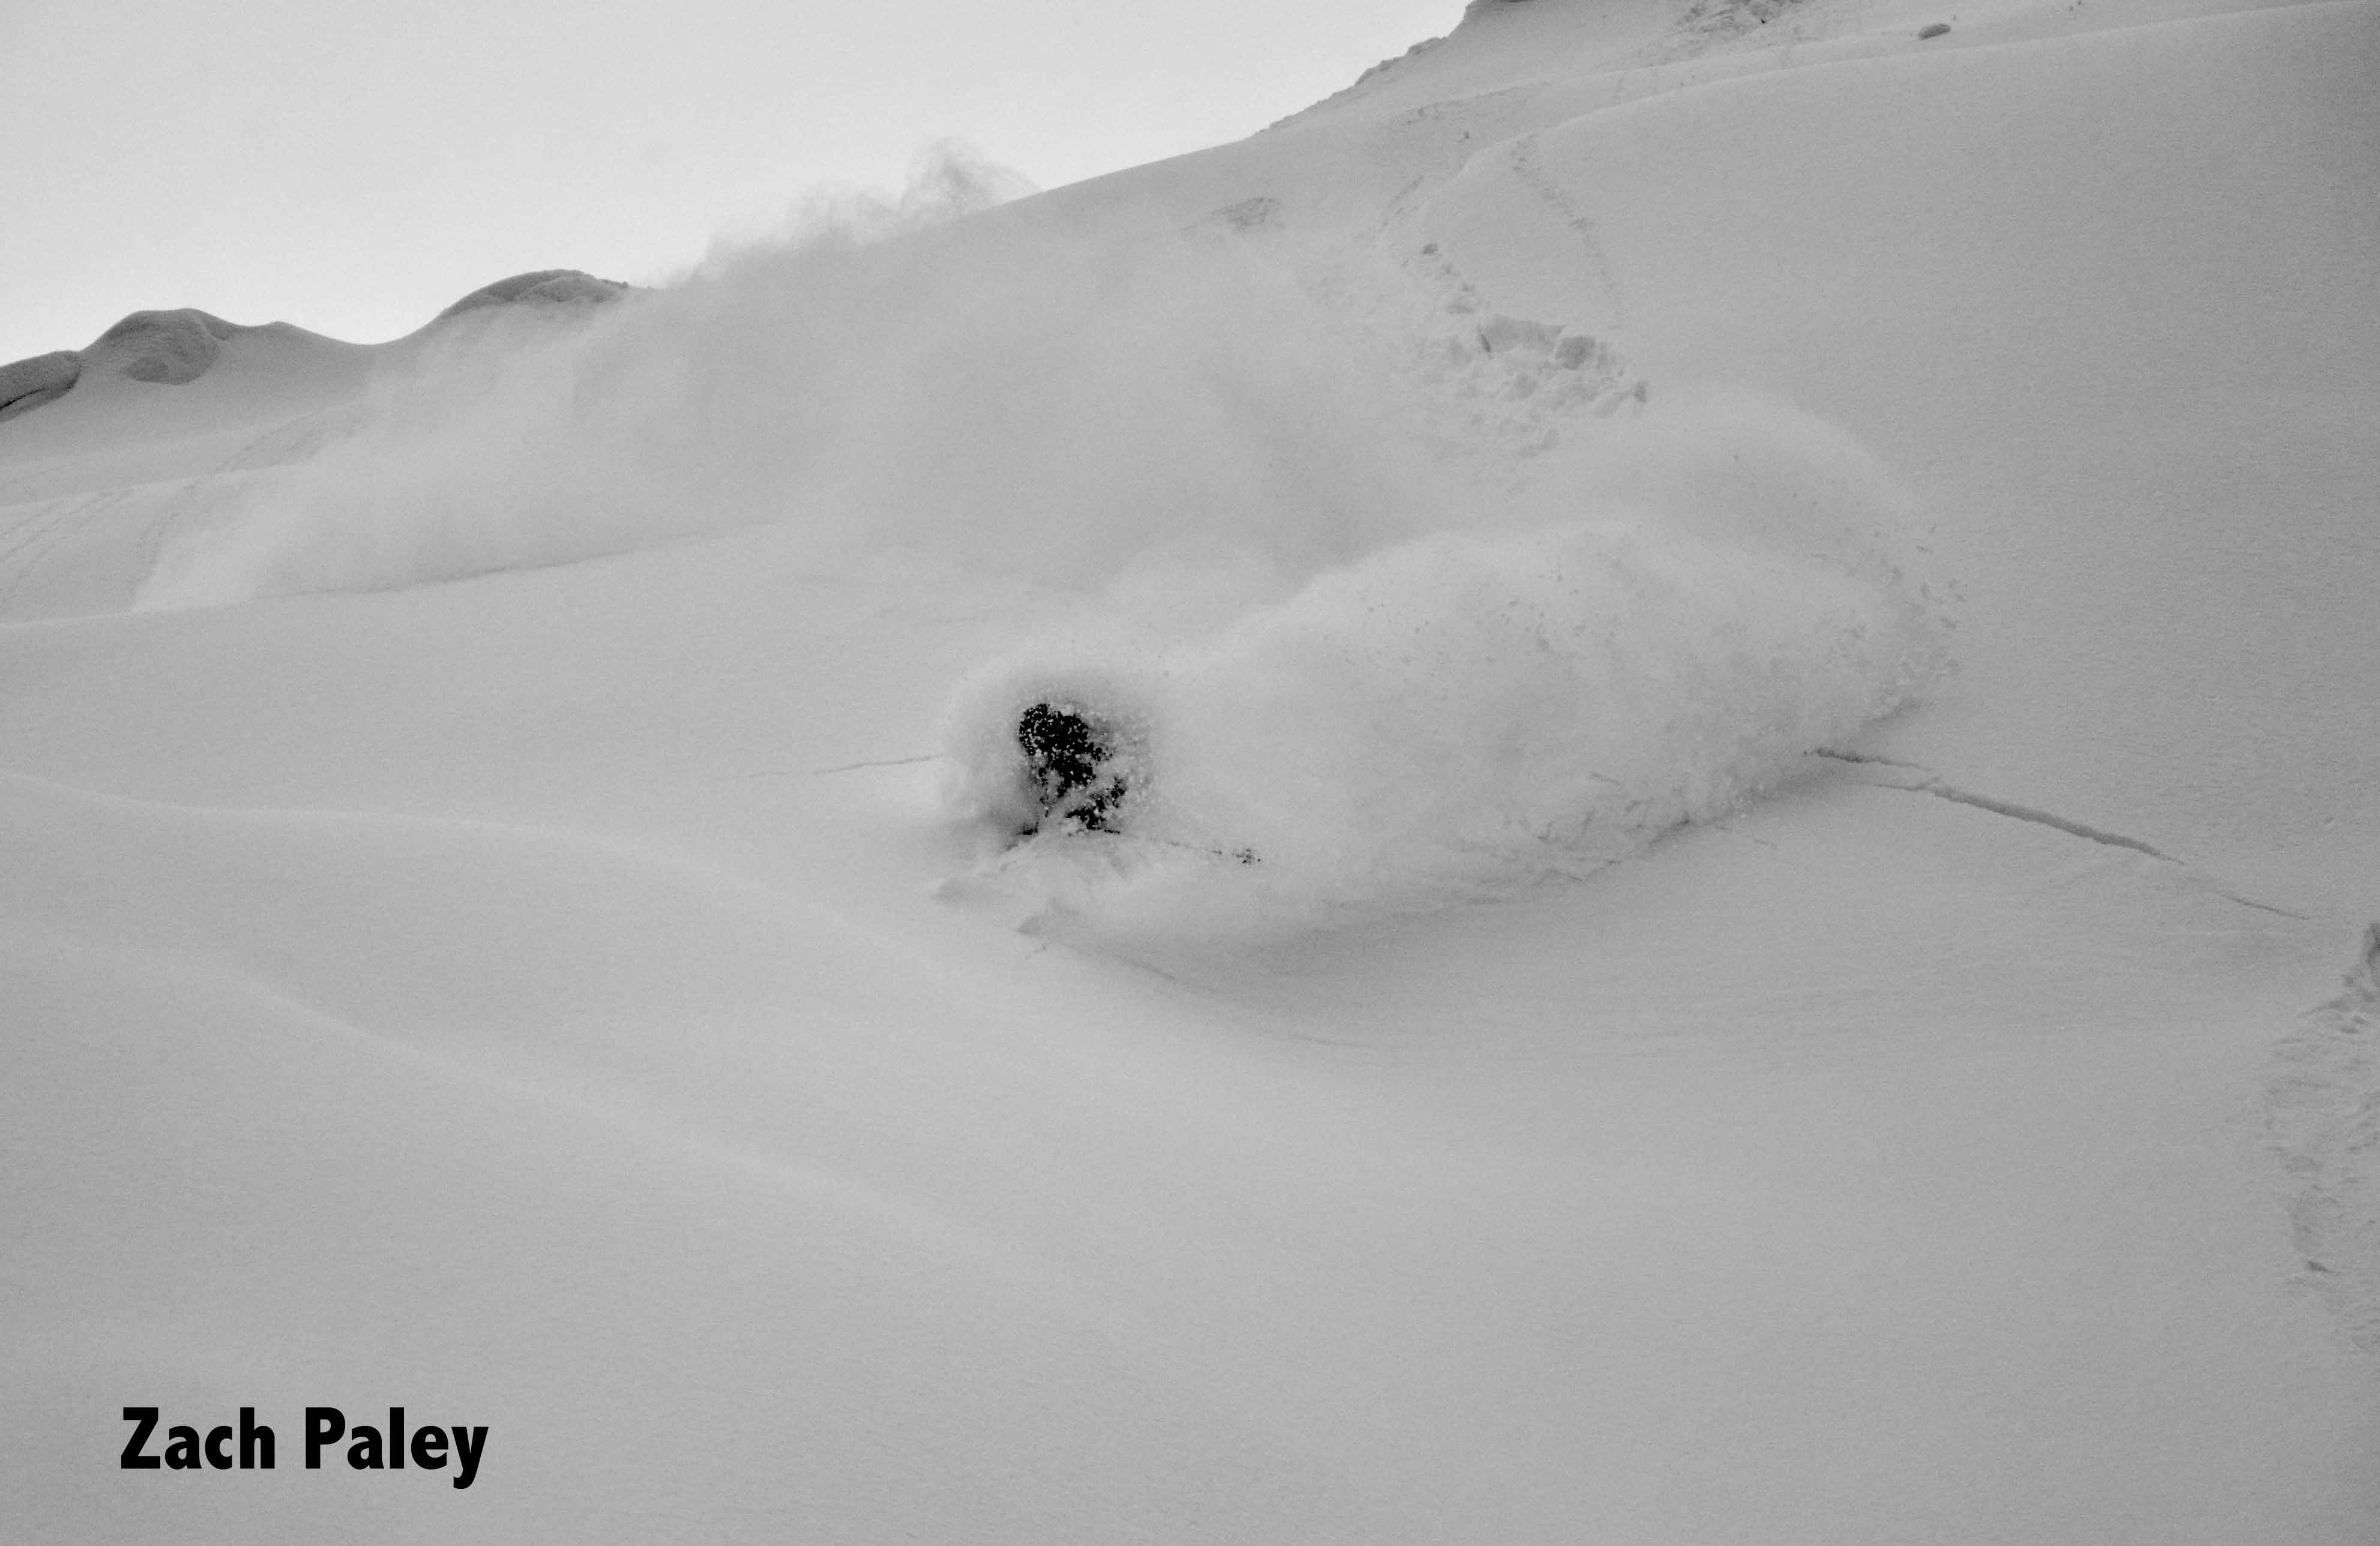 Ski bum Valhalla. skier: miles clark photo: zach paley